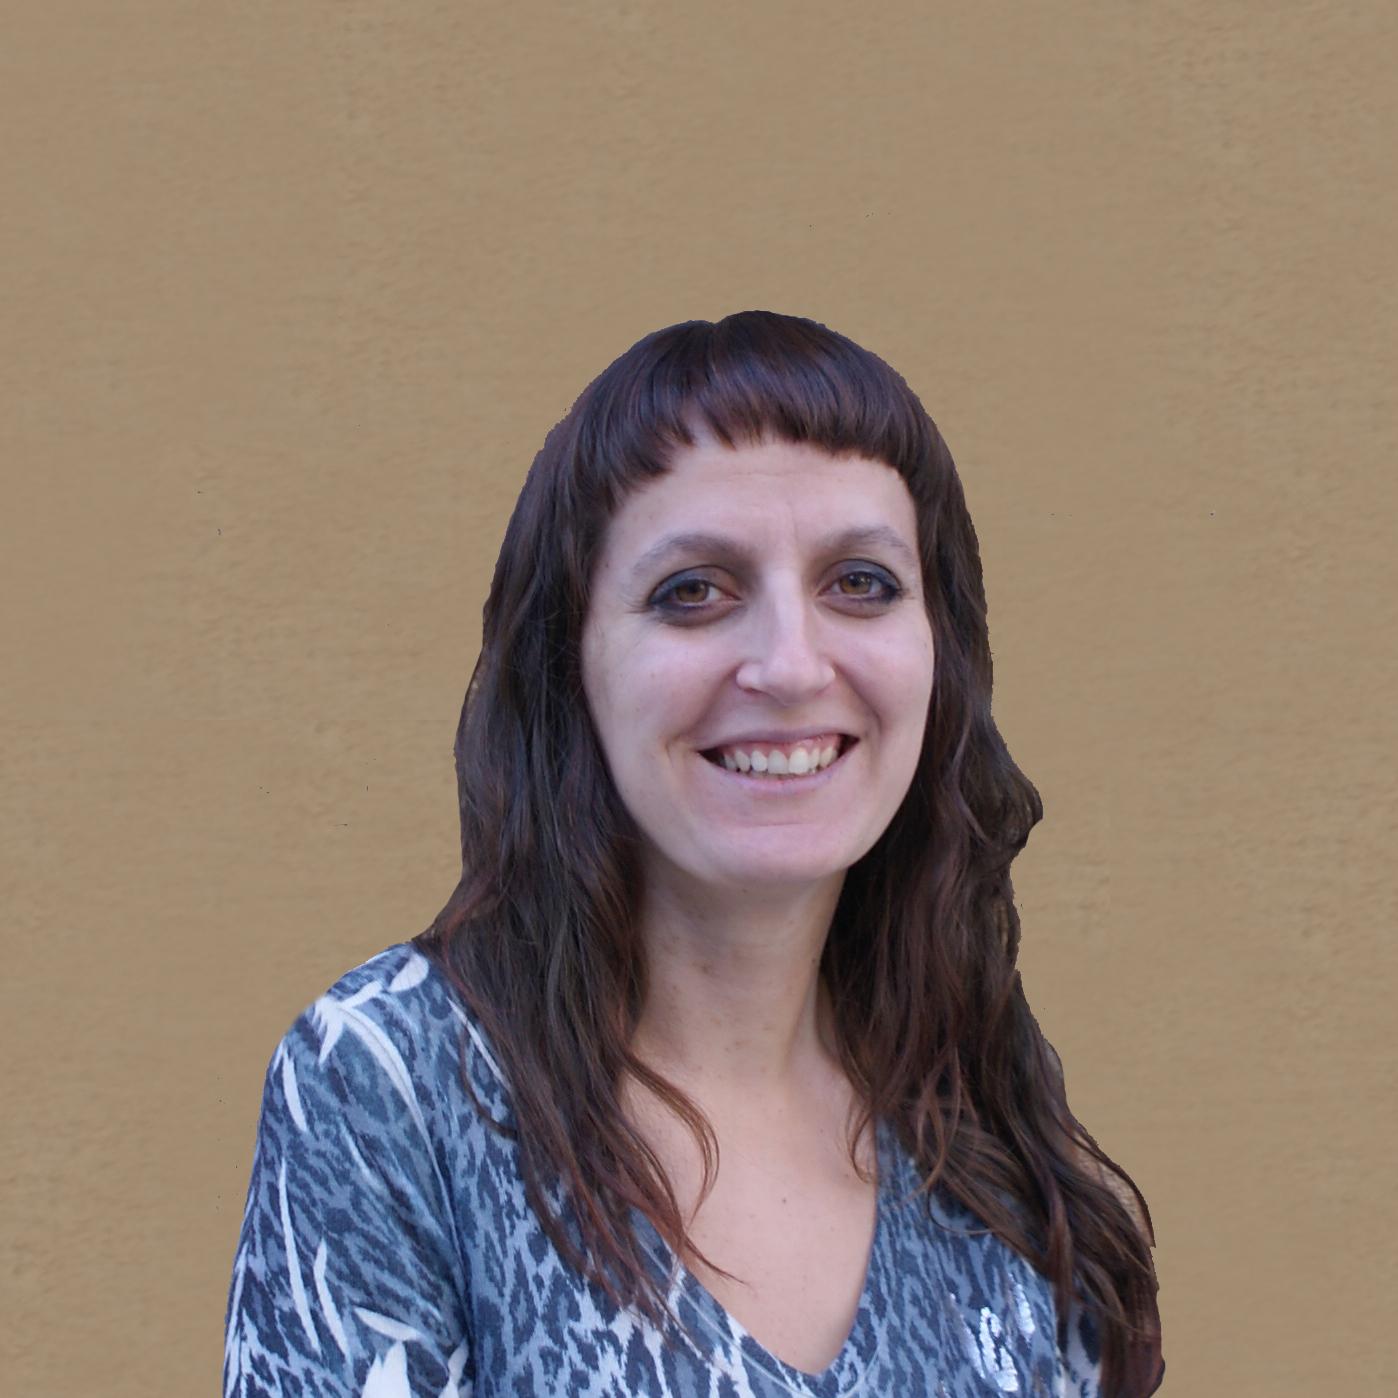 Kristen Rubec